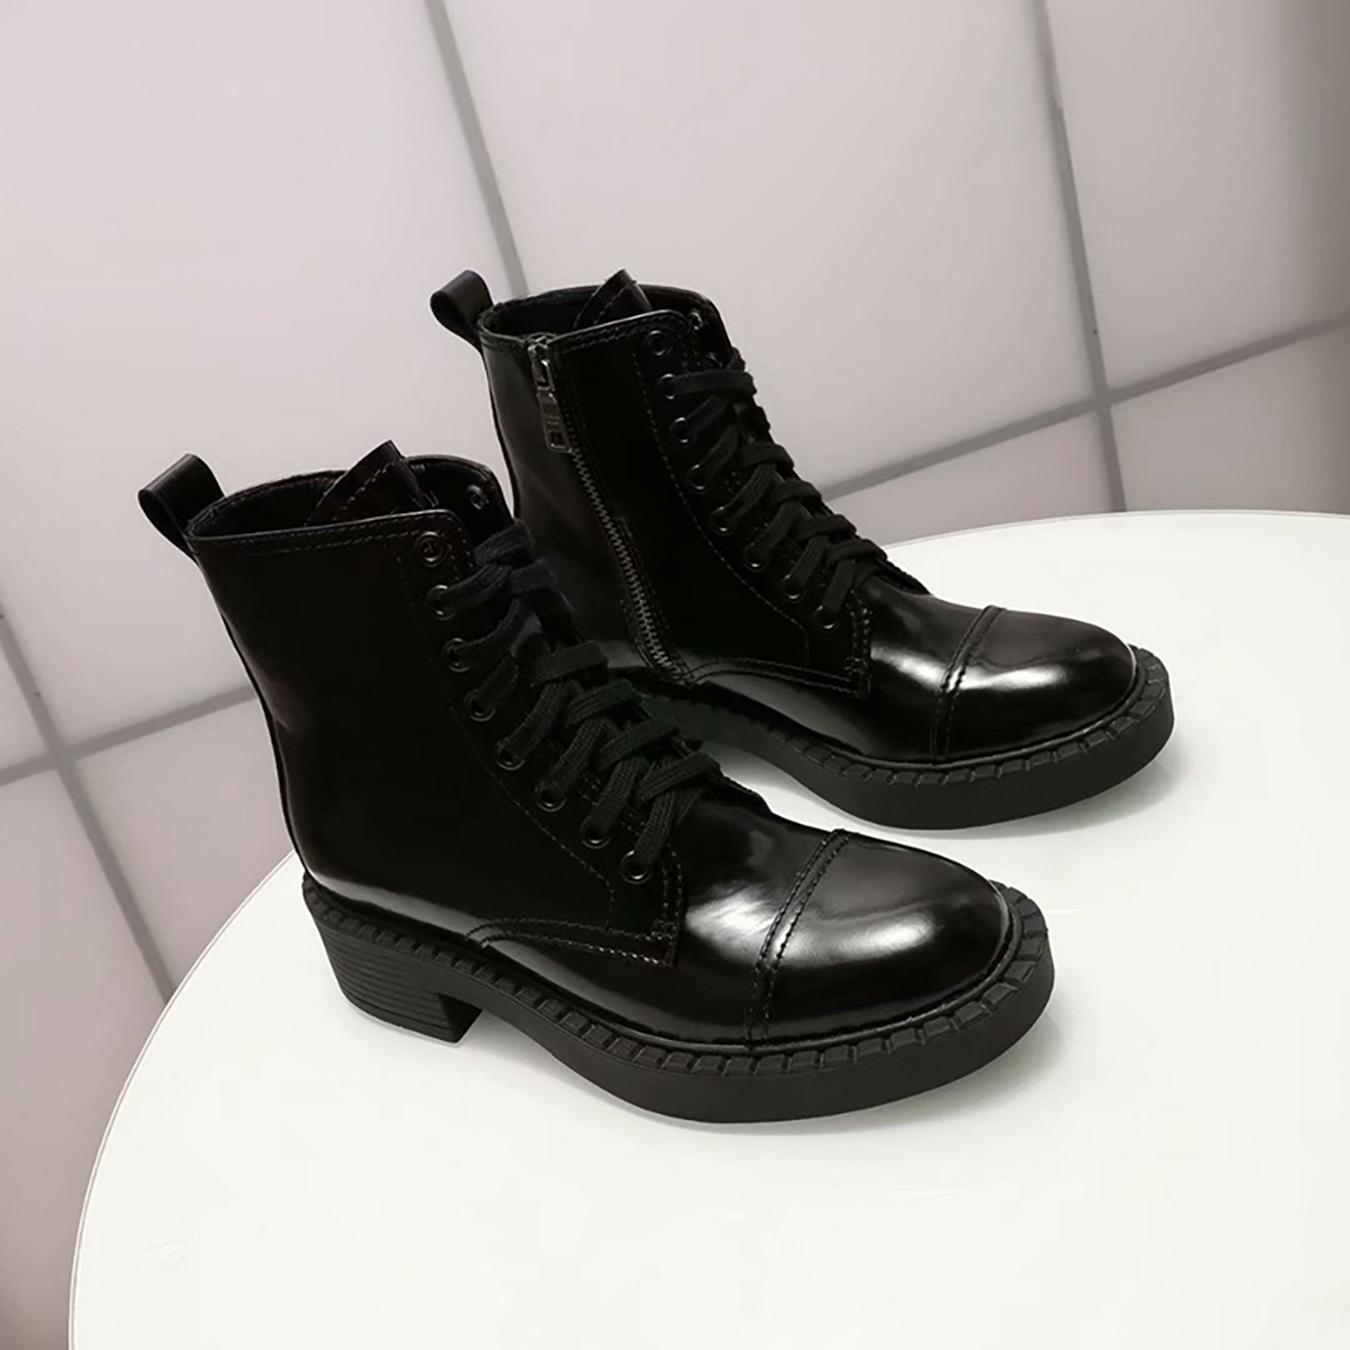 2021 Kadın Çizmeler Marka Dantel Up Ayak Bileği Boot Moda Bootis Tasarımcı Kadın Bootes Yüksek Kalite